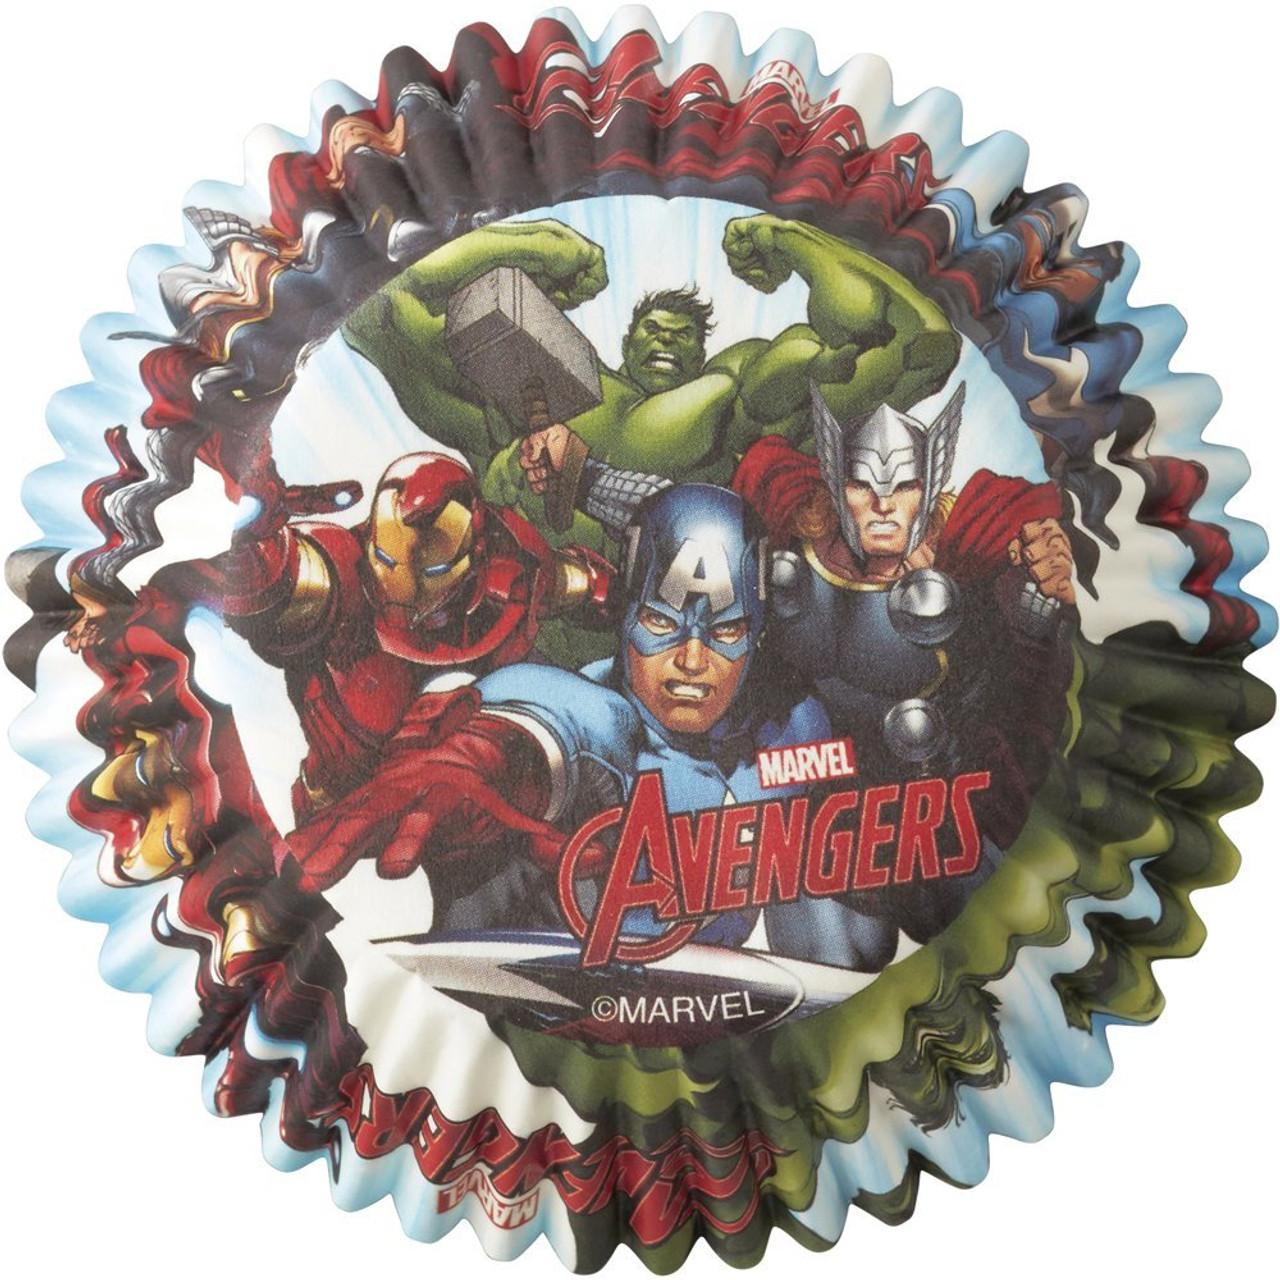 6pc Set Avengers Marvel Comics Avengers Assemble Sandwich Containers Novelty C